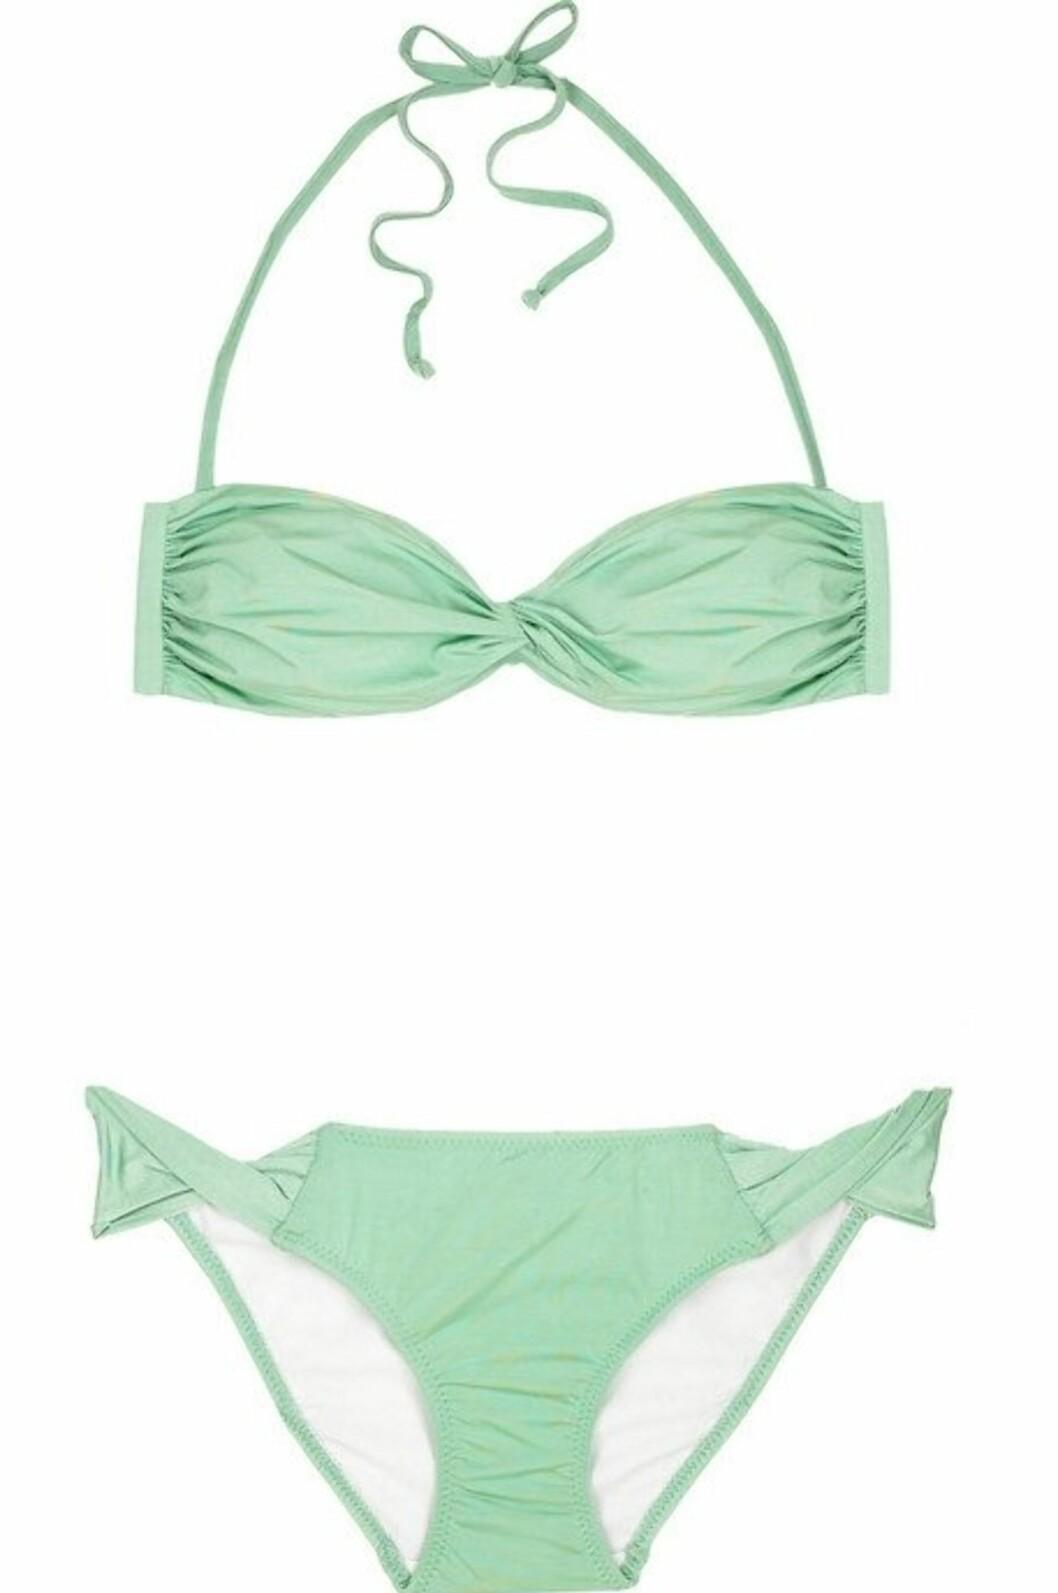 BLI EN 50-TALLSBABE: Bikini i lys mintfarge (kr 1350, Melissa Odabash/Netaporter.com).